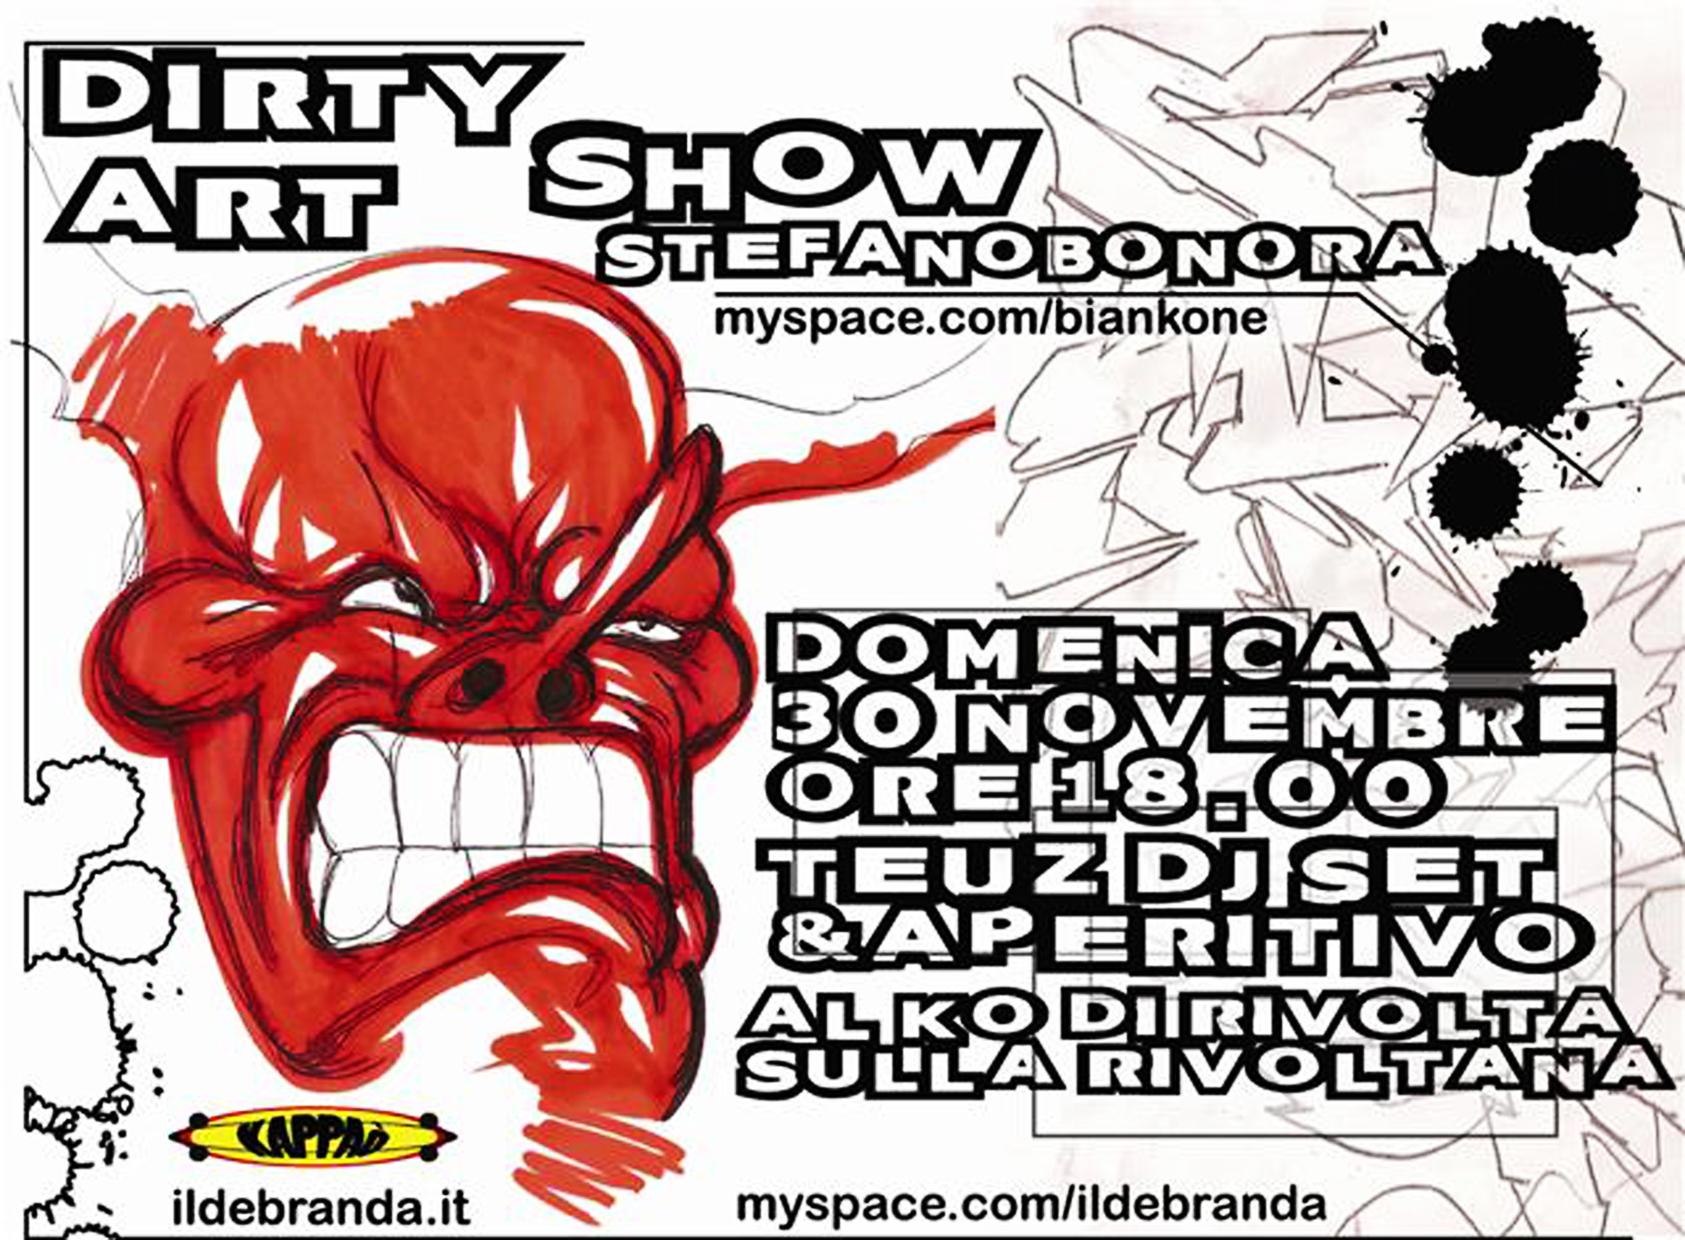 mostra_30_novembrer